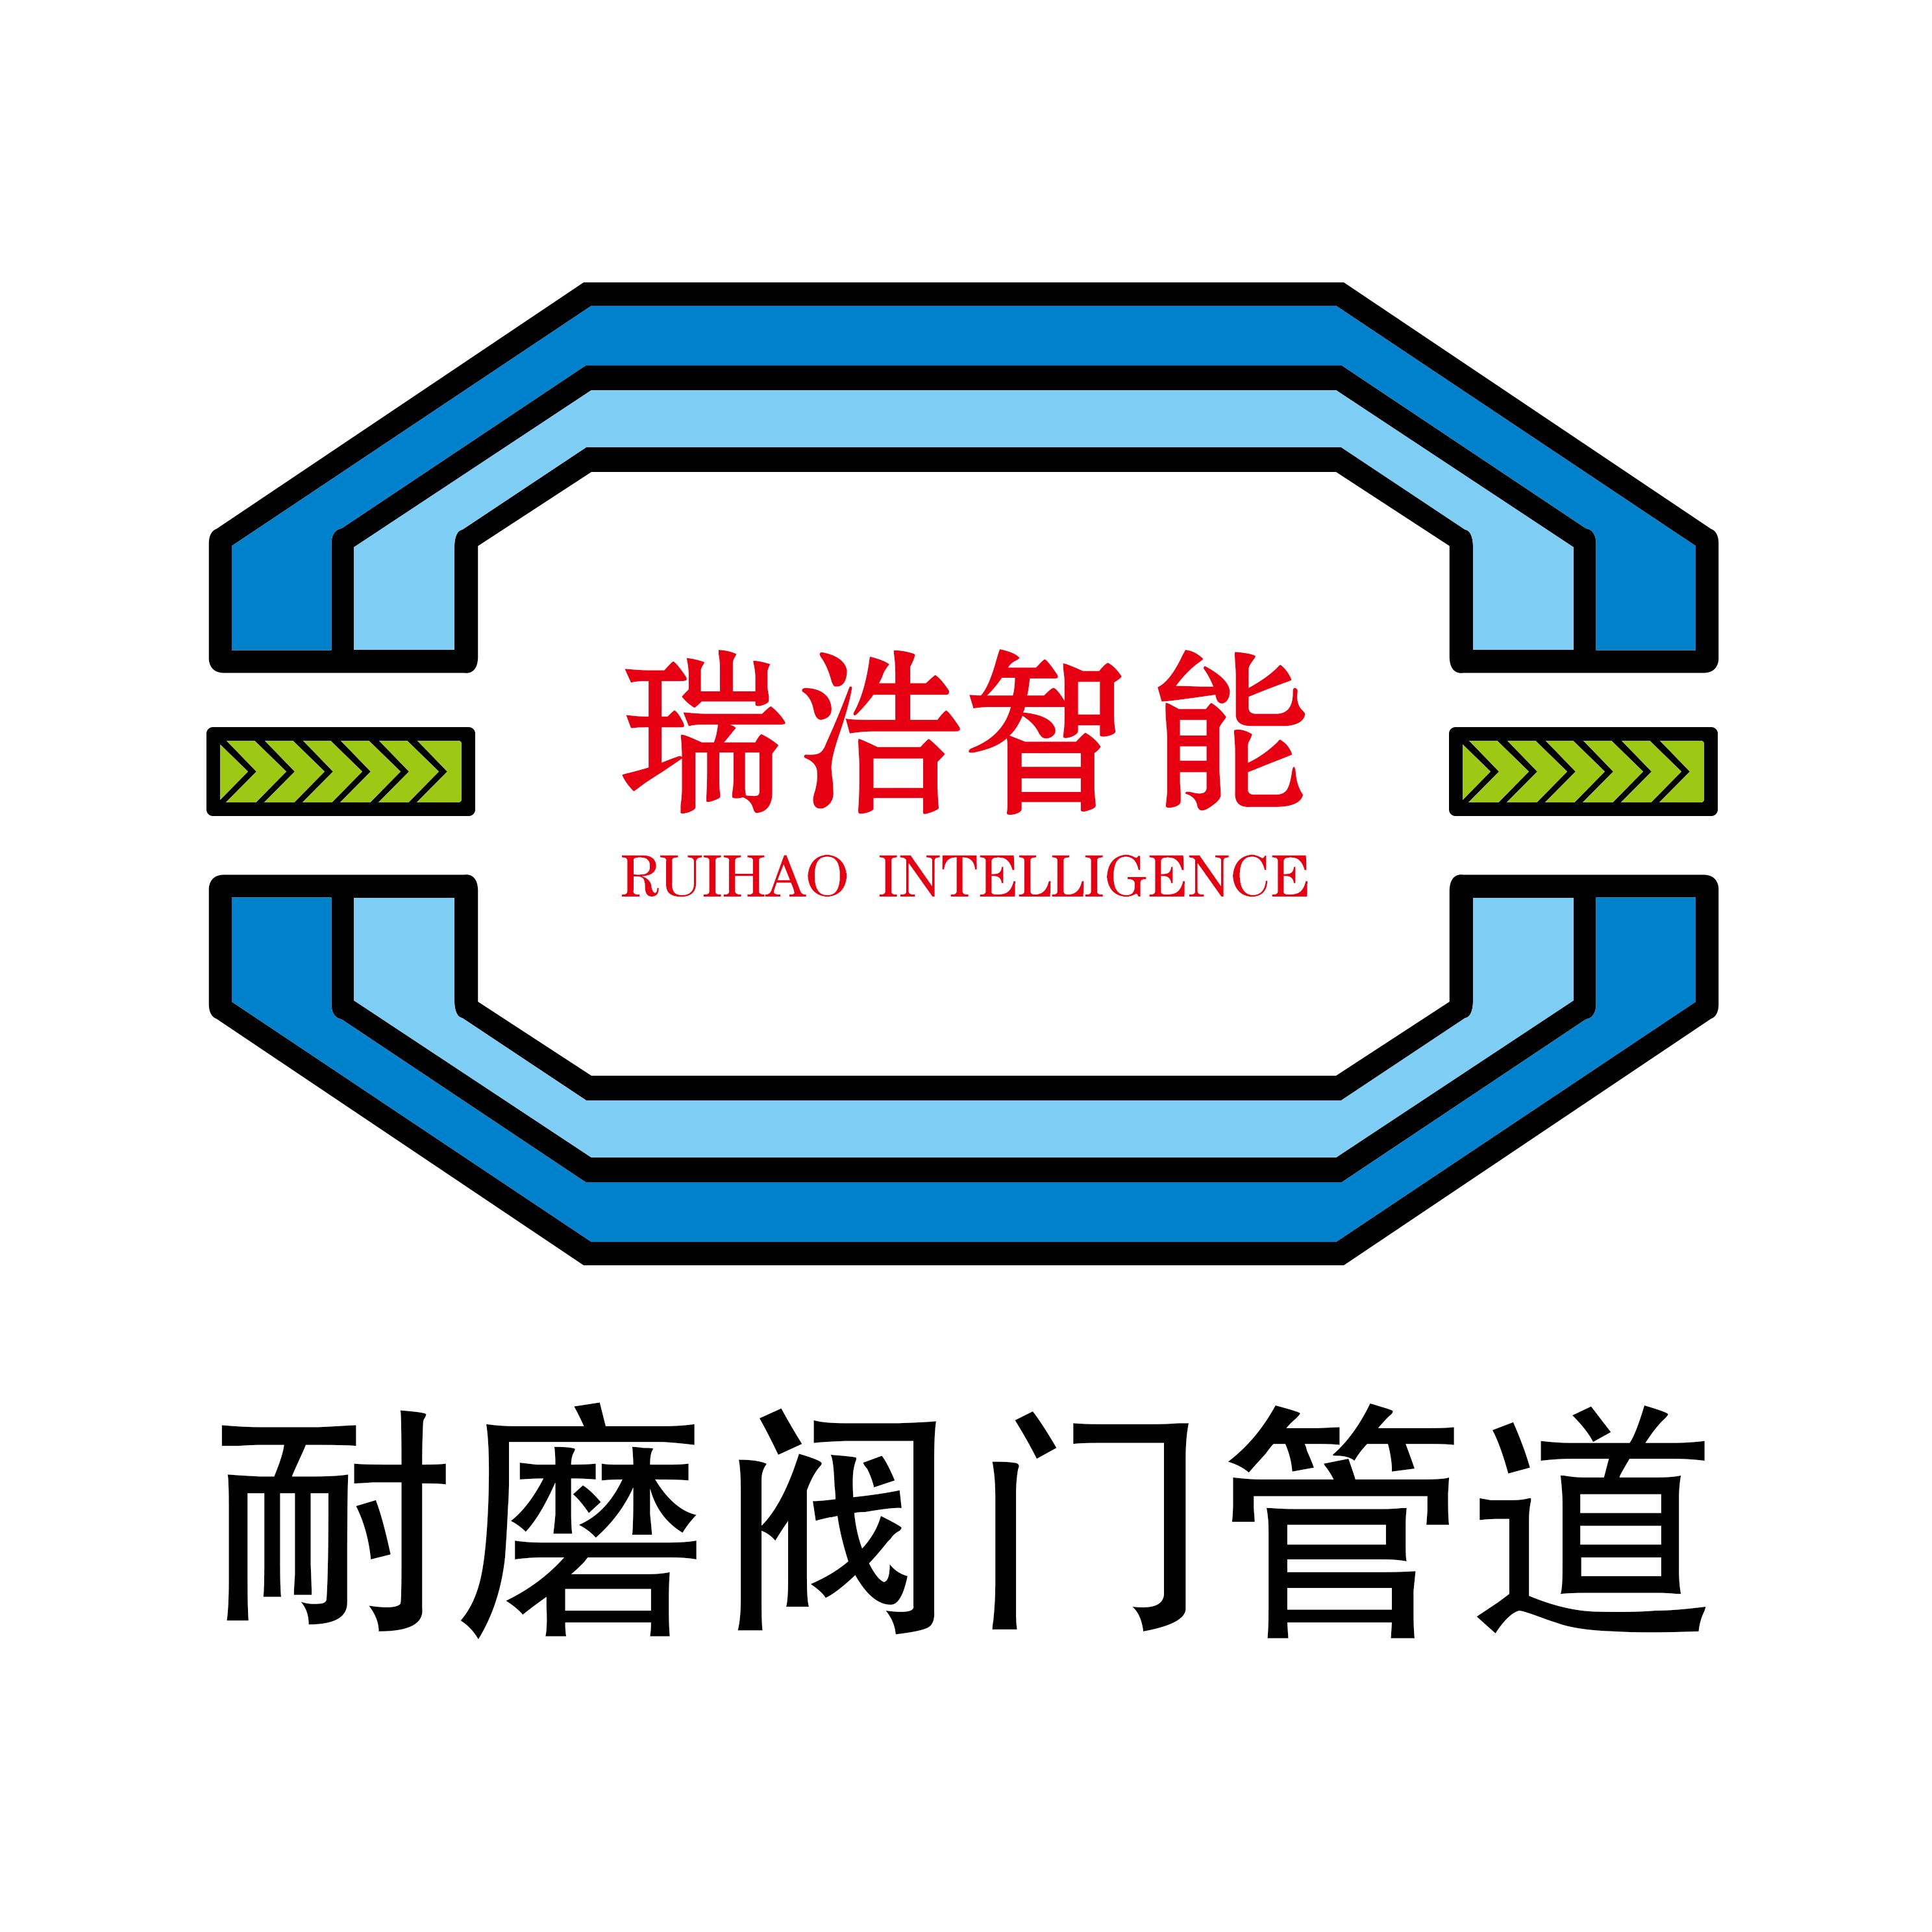 天津瑞浩智能科技有限公司